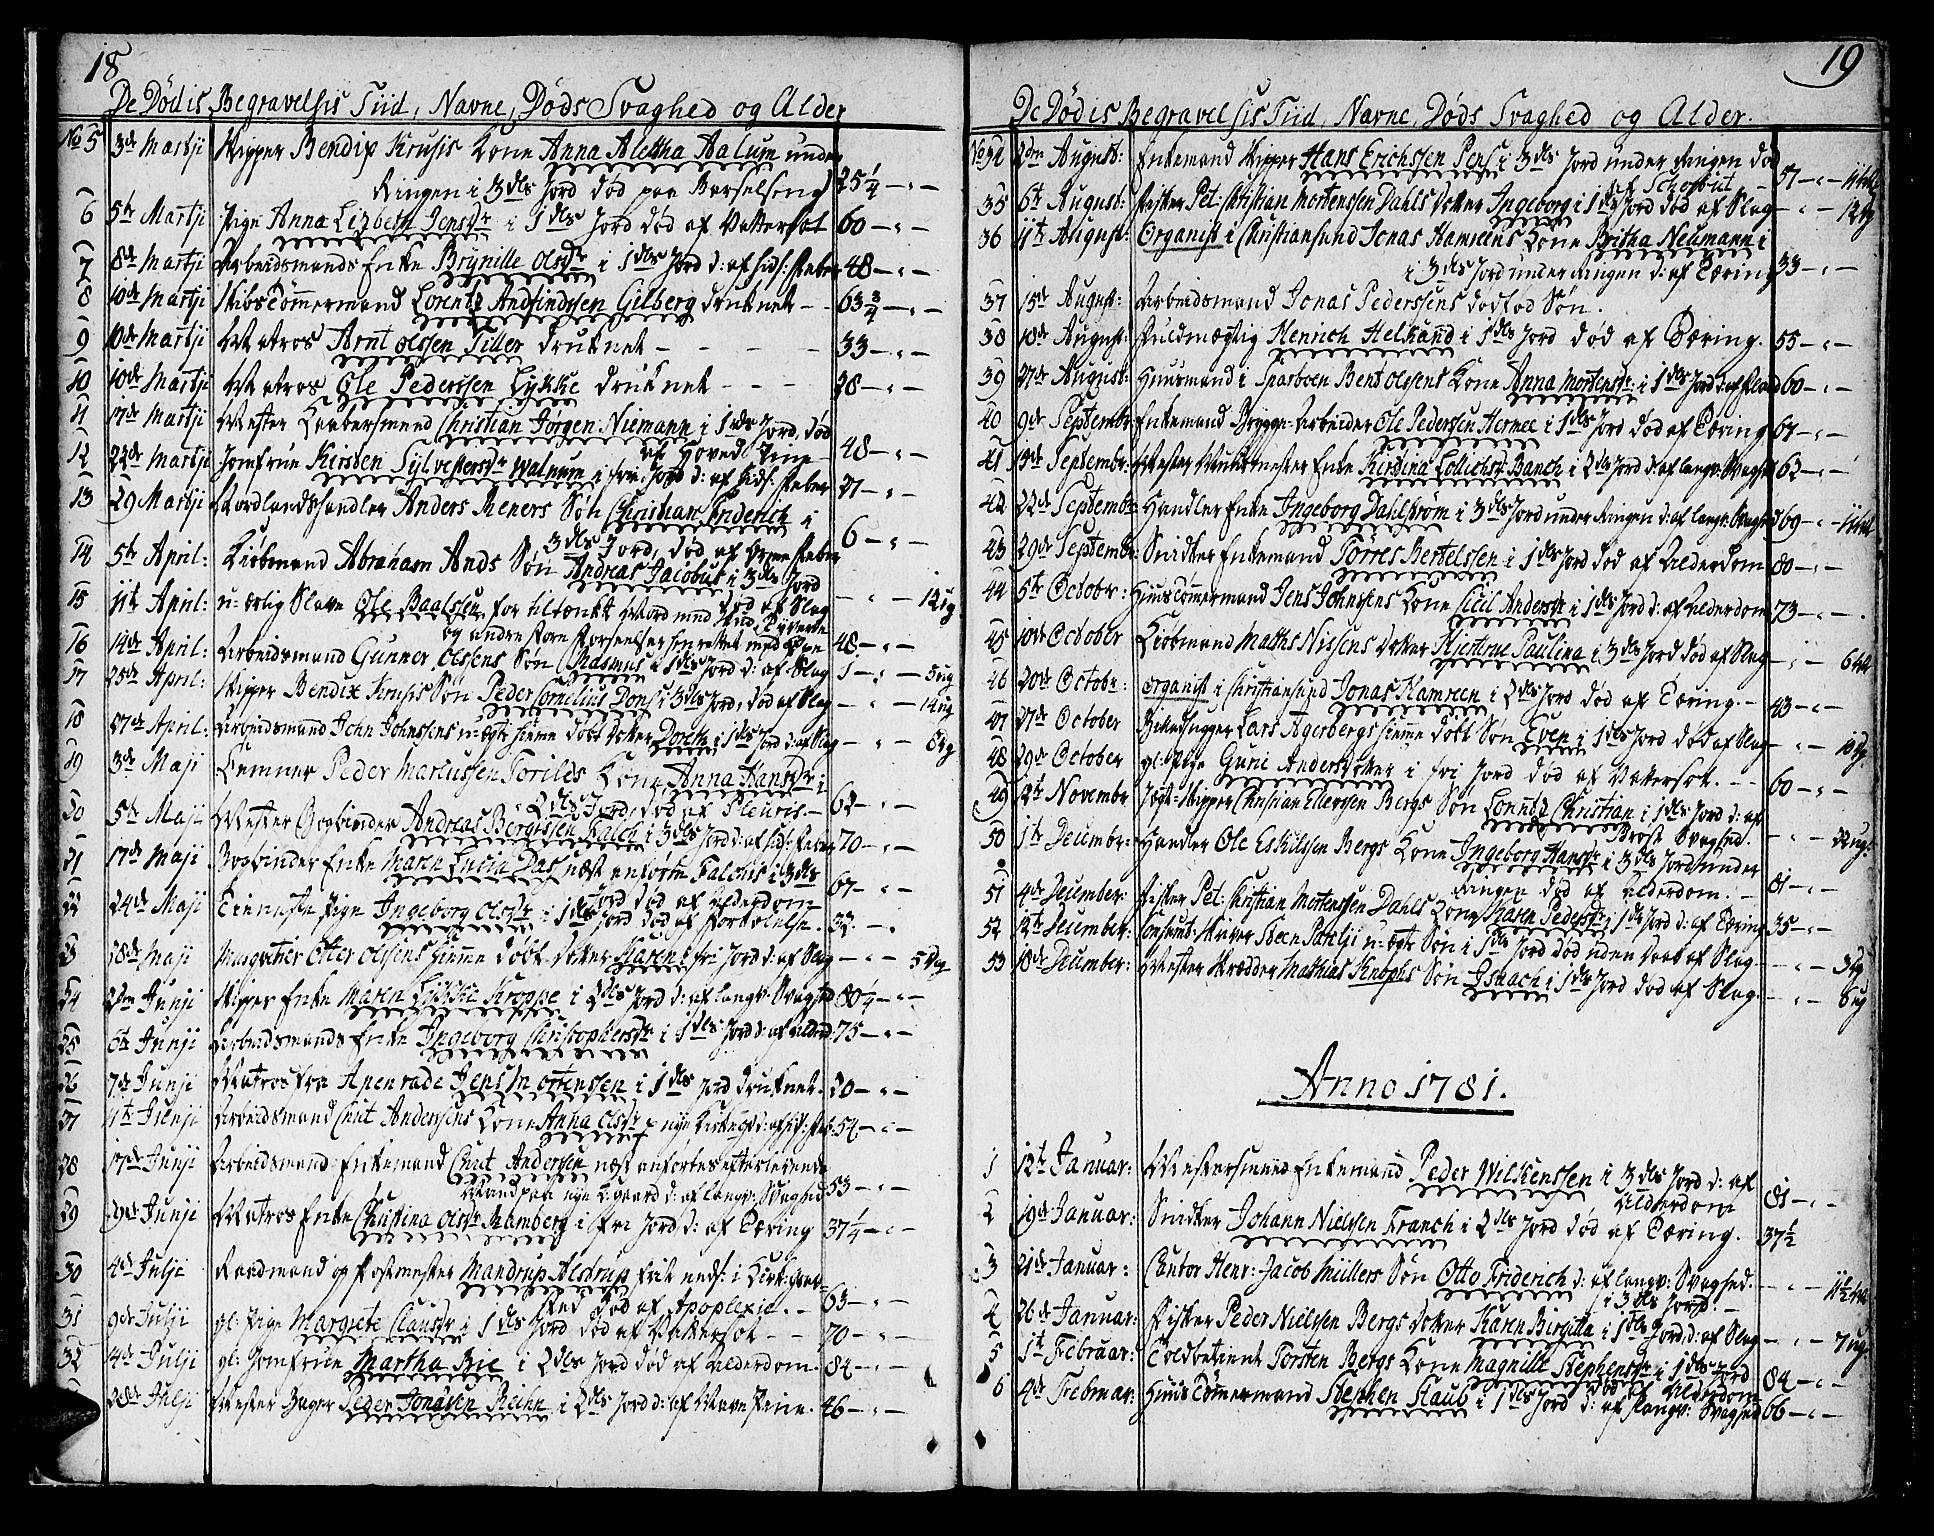 SAT, Ministerialprotokoller, klokkerbøker og fødselsregistre - Sør-Trøndelag, 602/L0106: Ministerialbok nr. 602A04, 1774-1814, s. 18-19